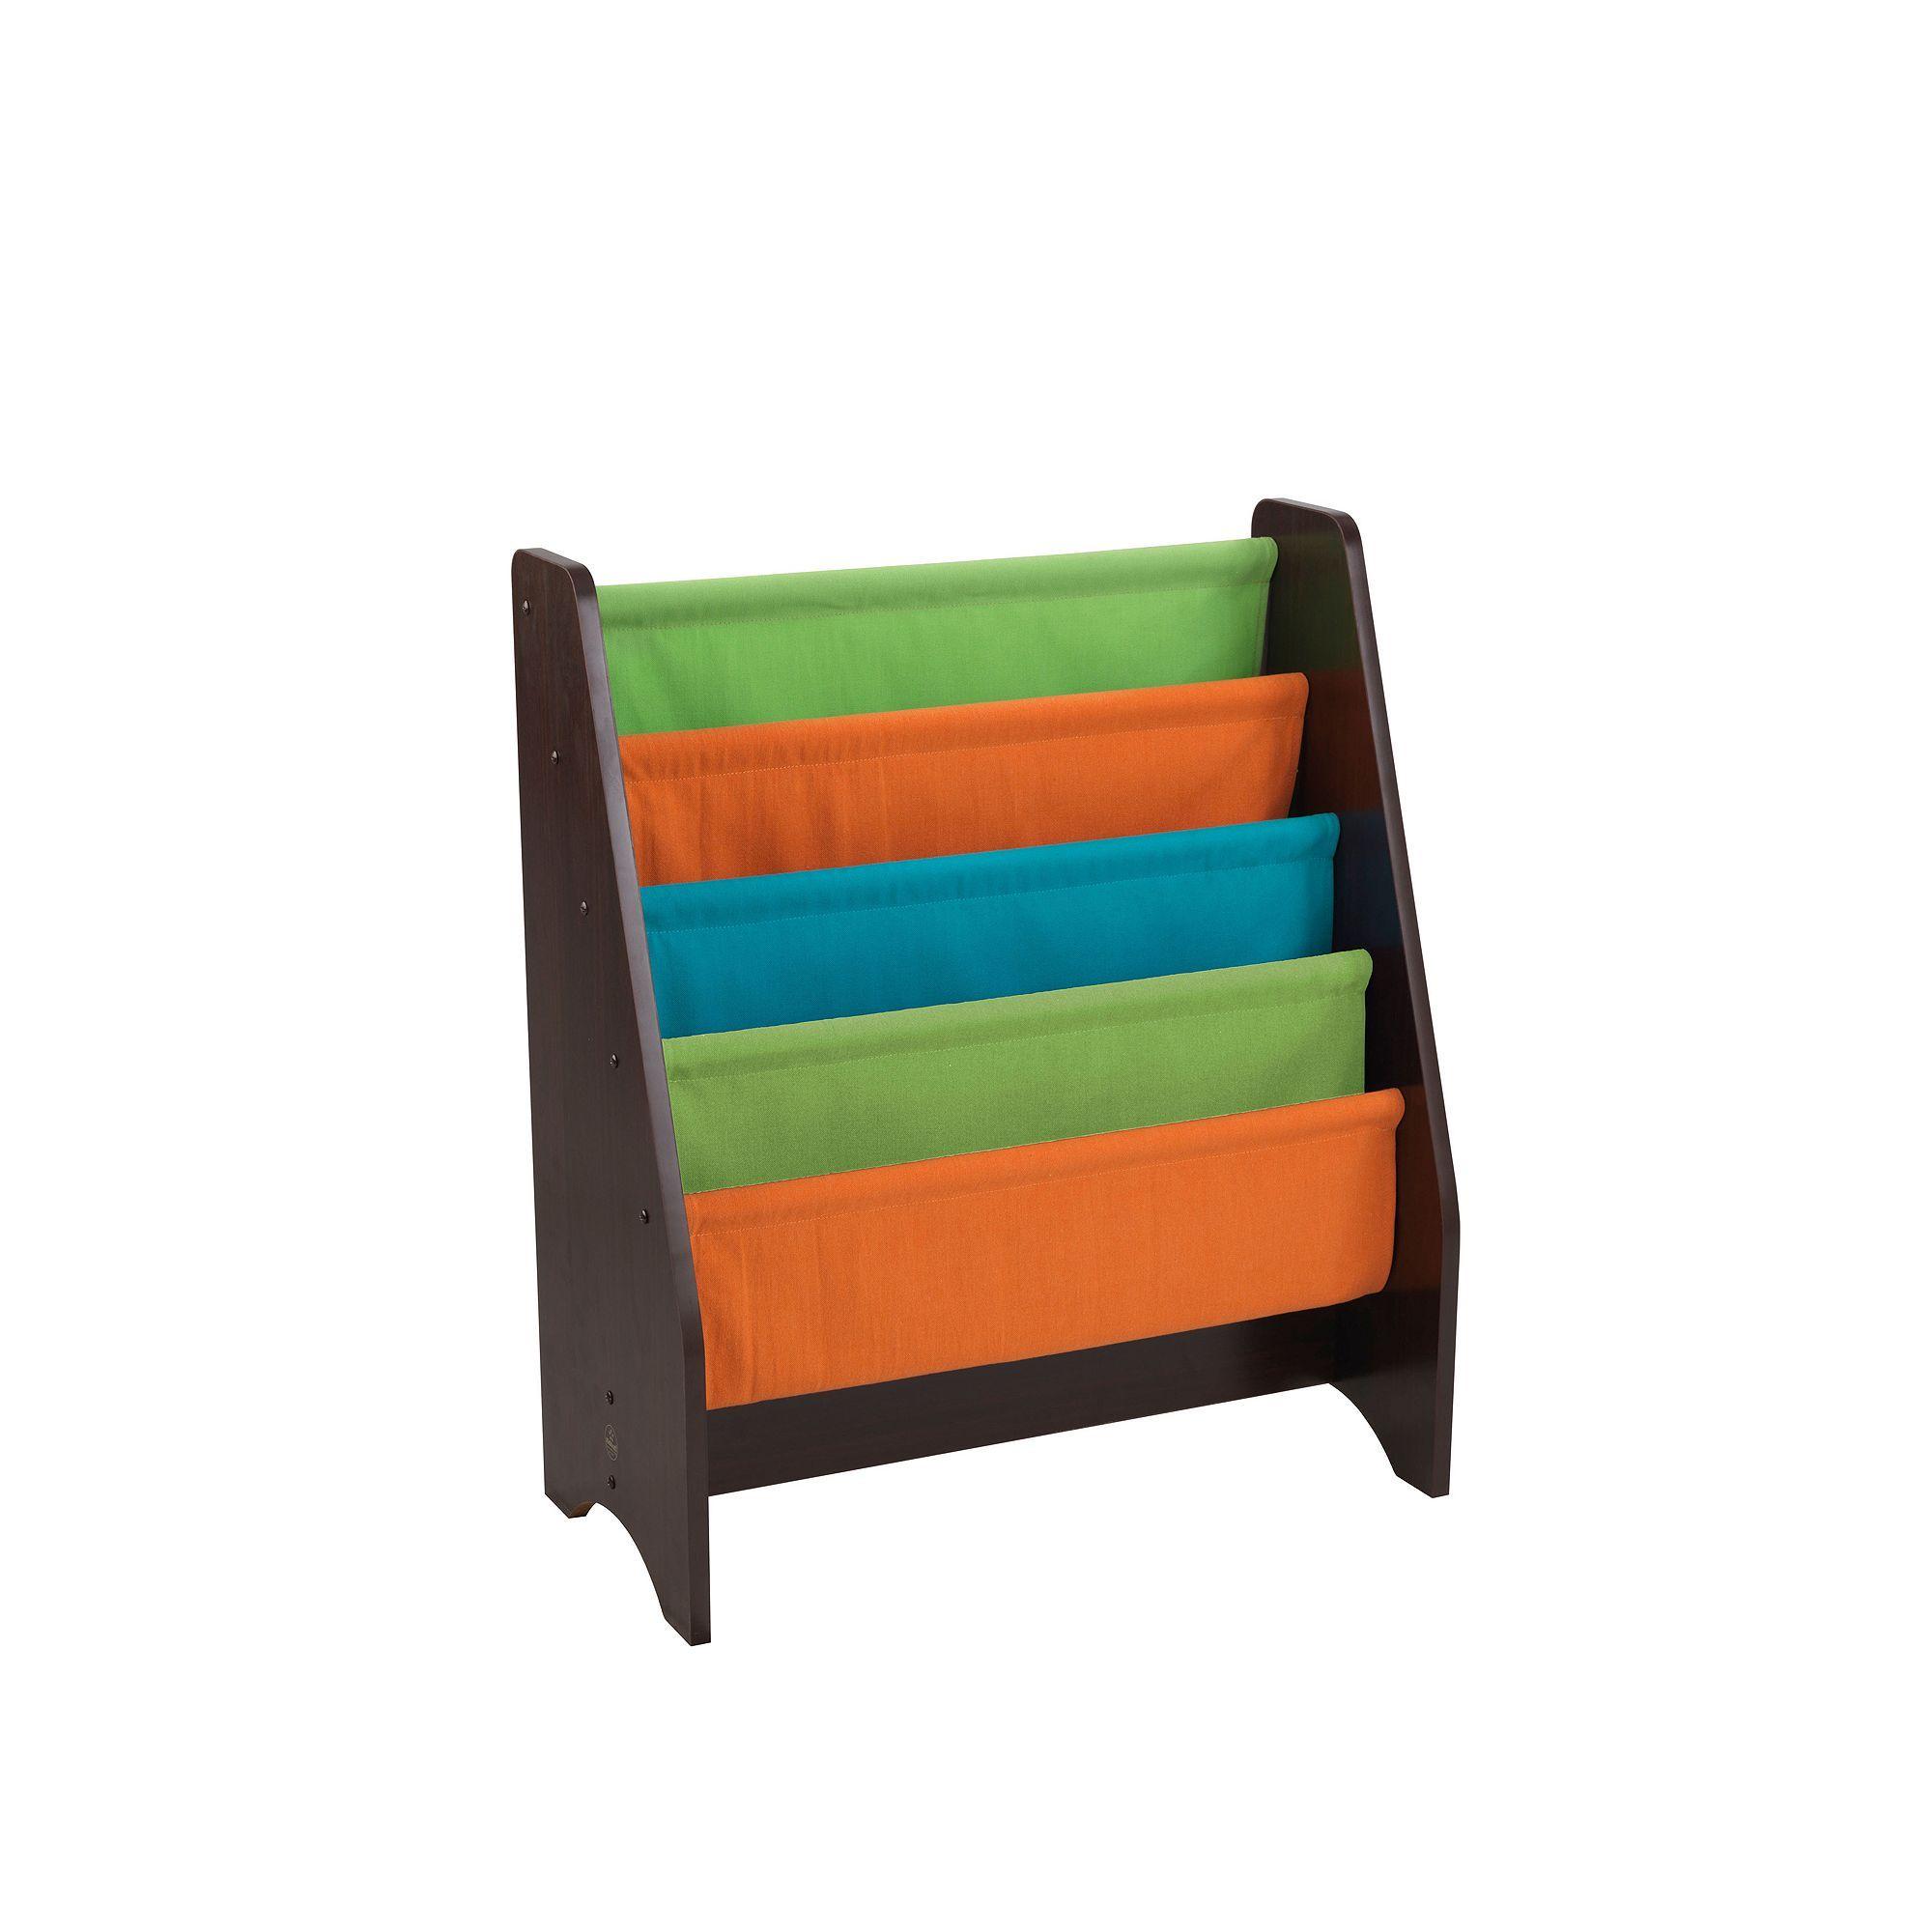 KidKraft White Sling Bookshelf Multicolor